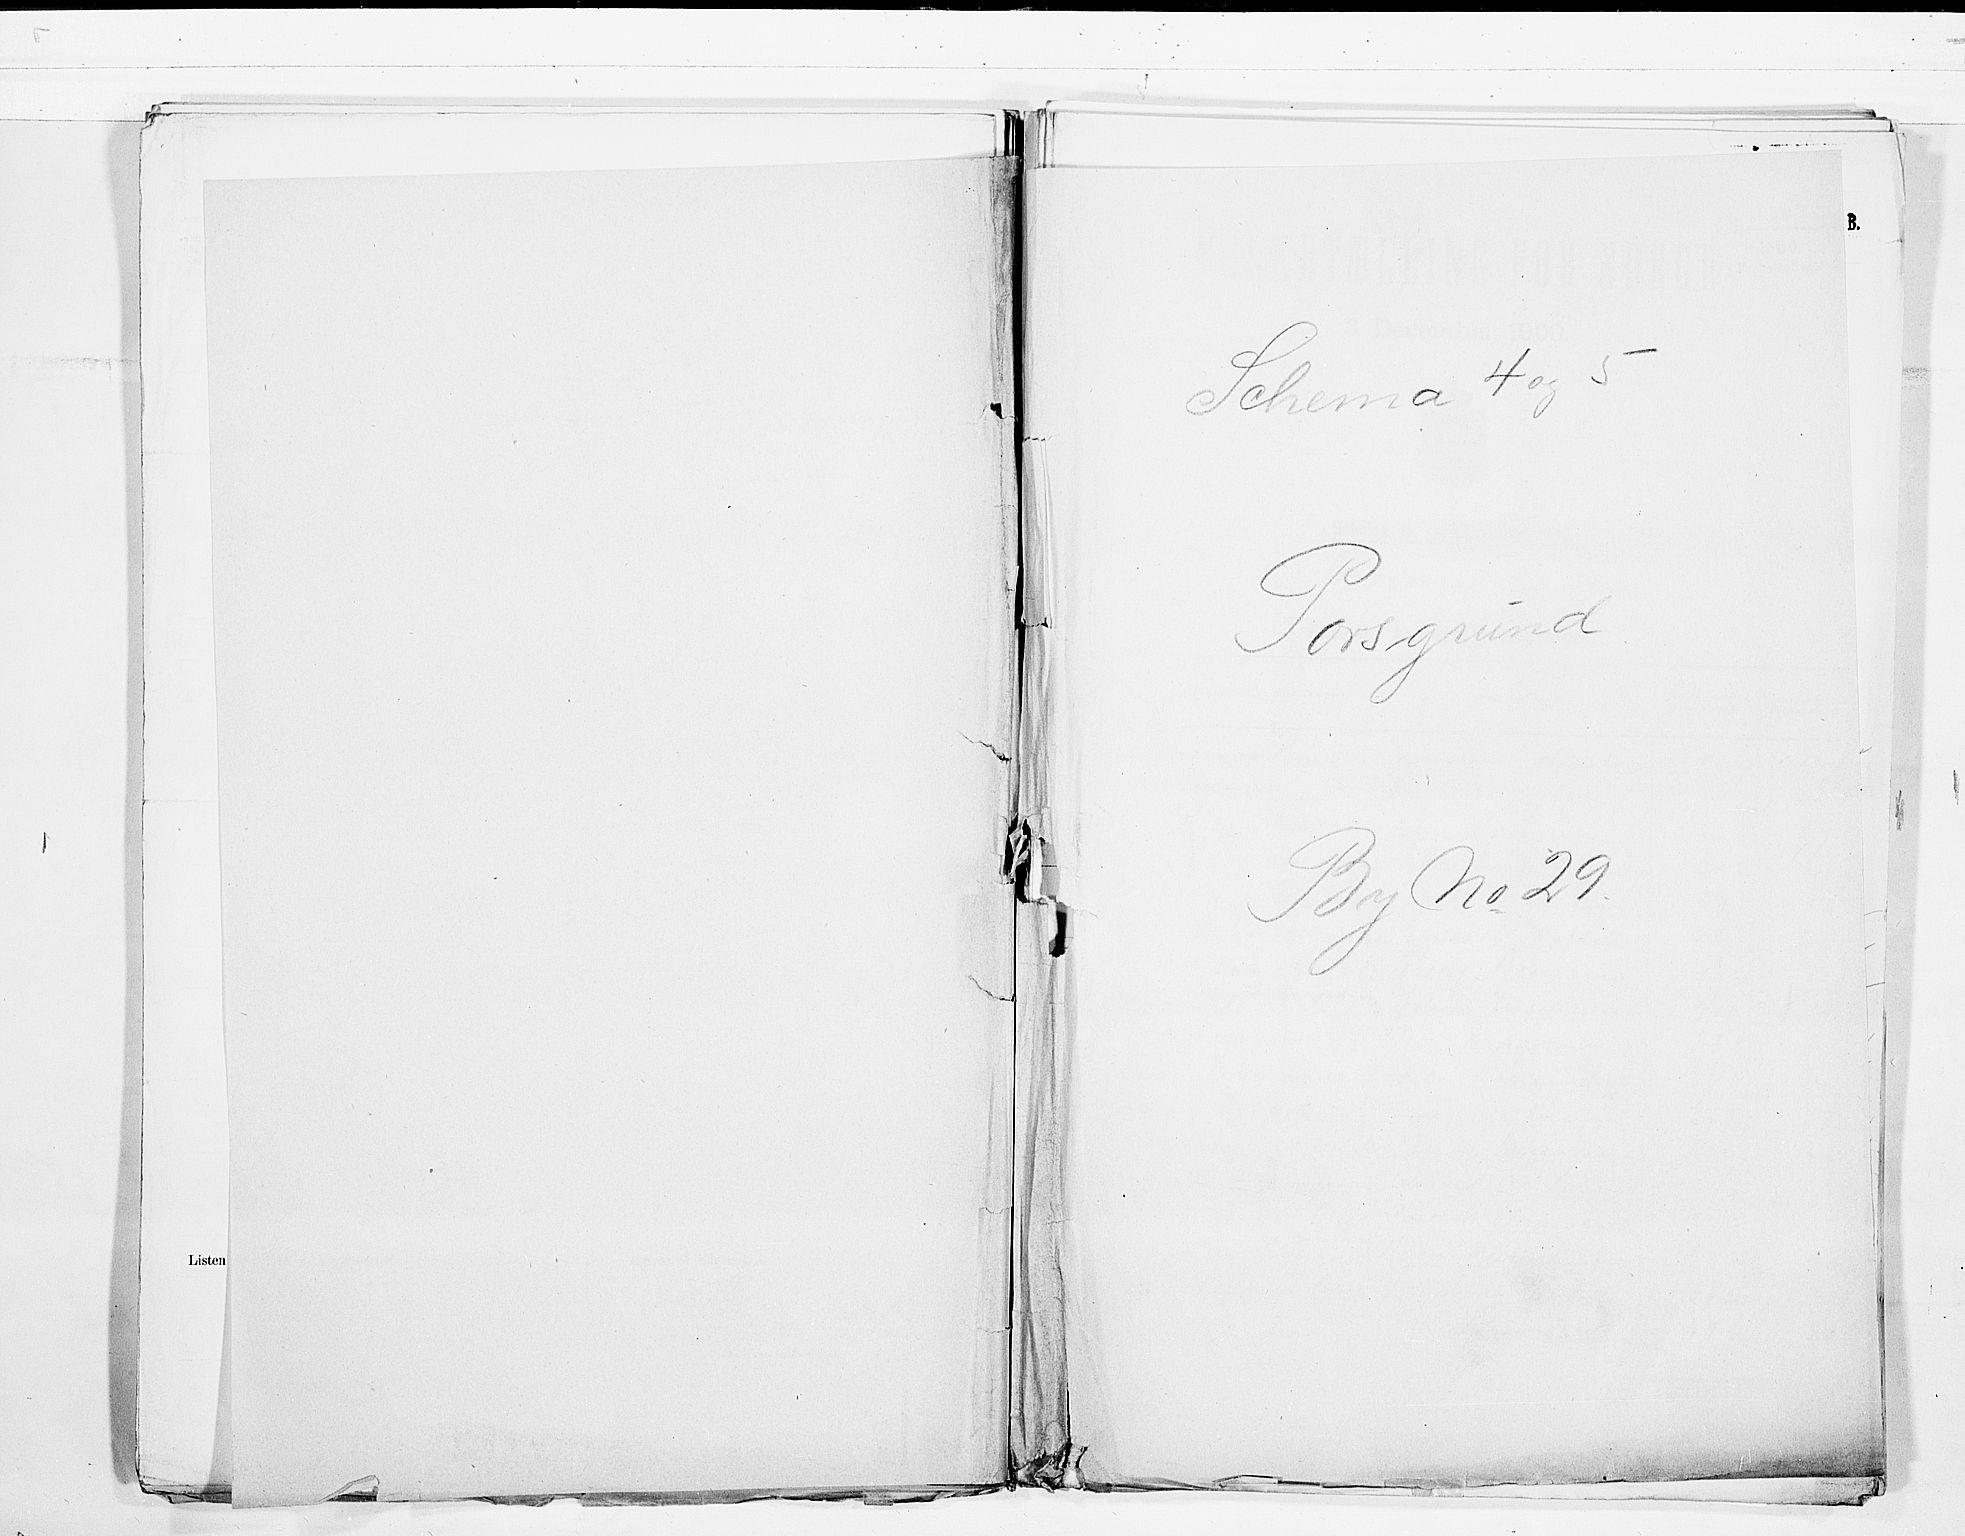 SAKO, Folketelling 1900 for 0805 Porsgrunn kjøpstad, 1900, s. 1